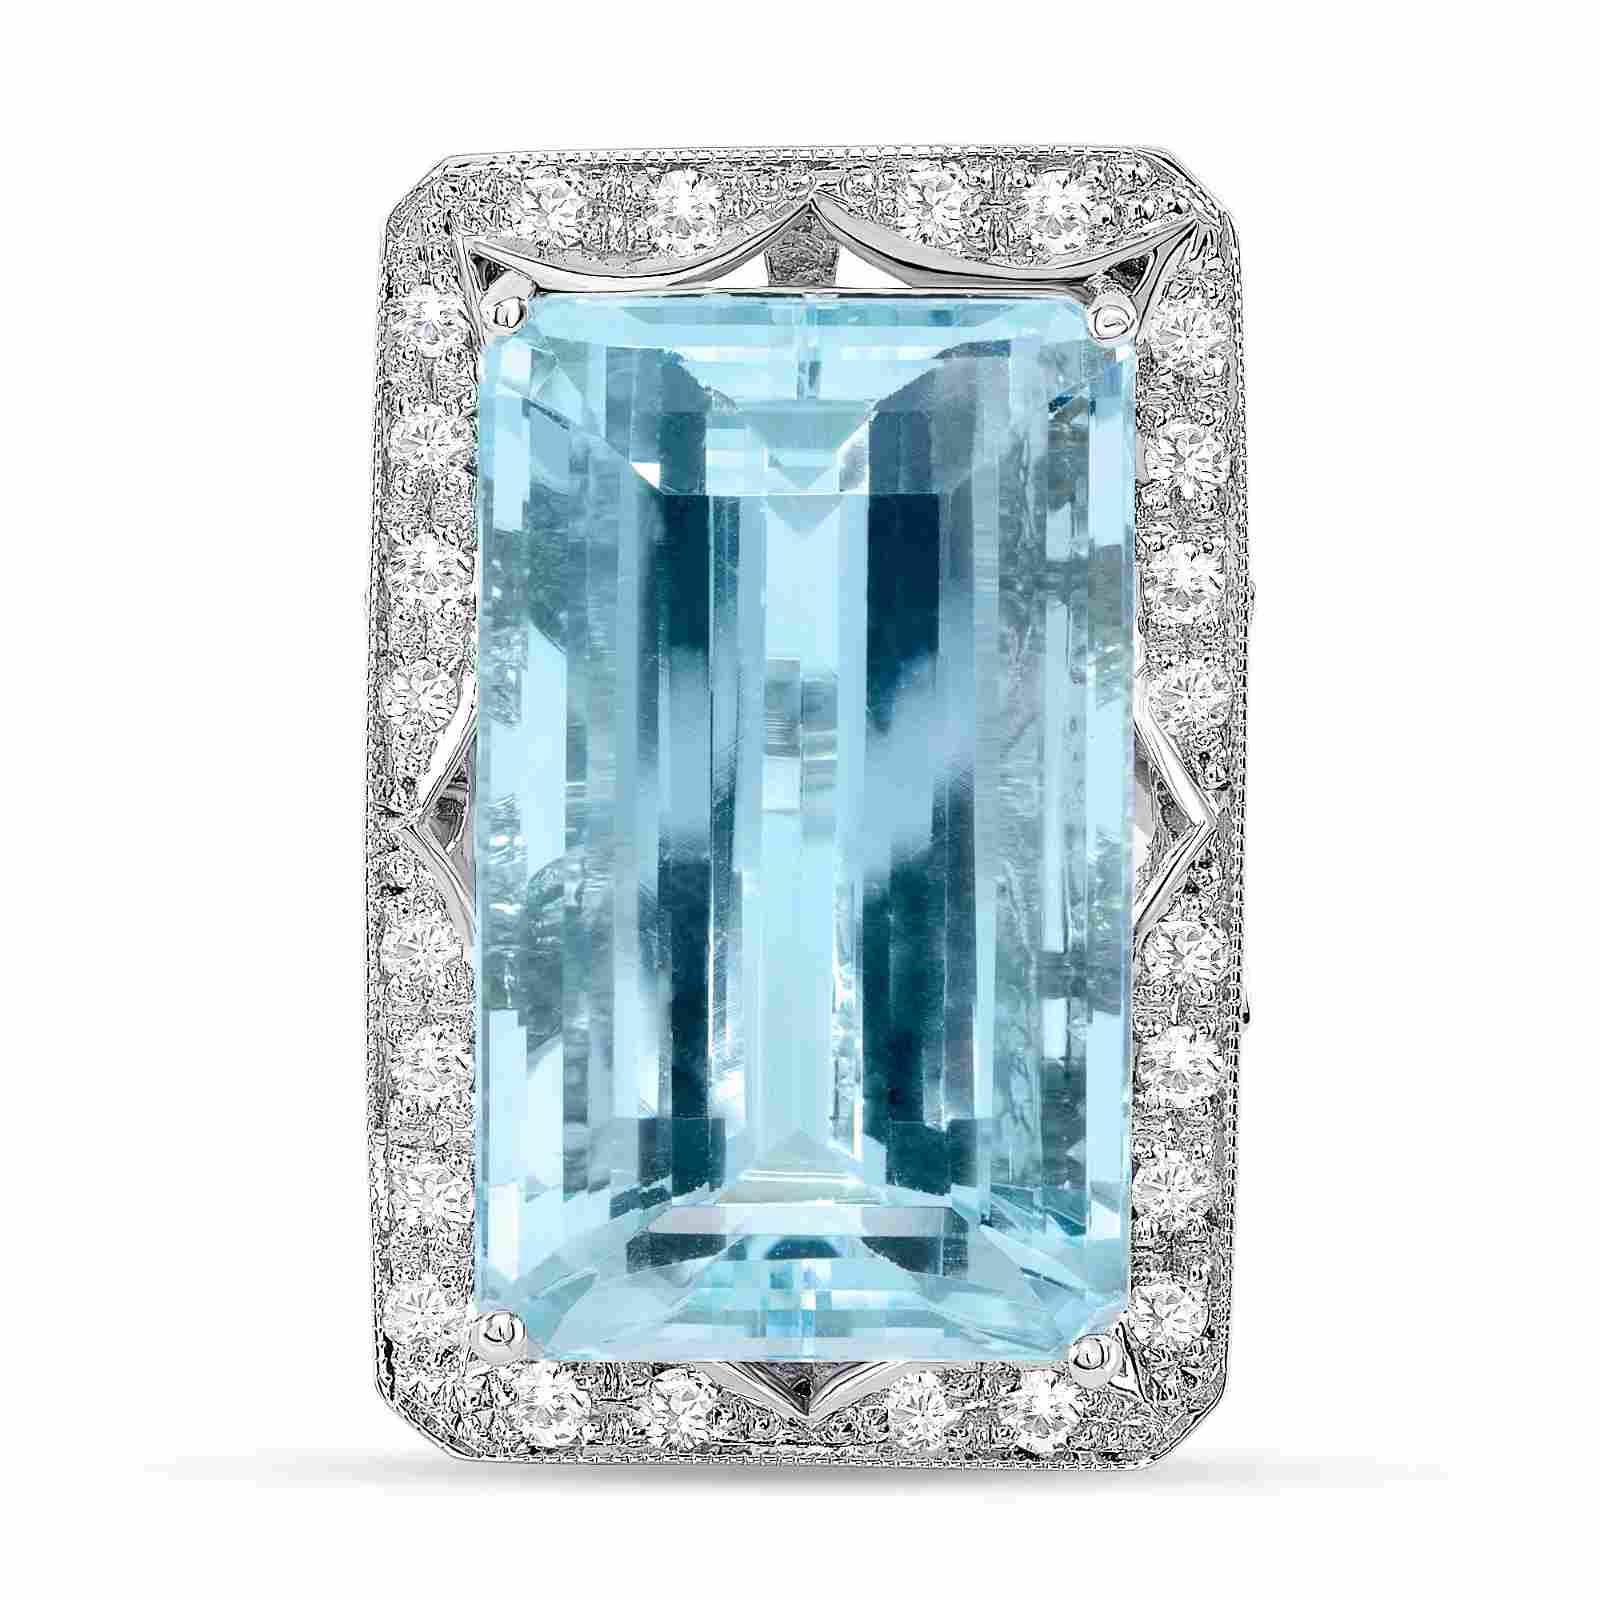 31.4ct Emerald Cut Aquamarine & Diamond Ring